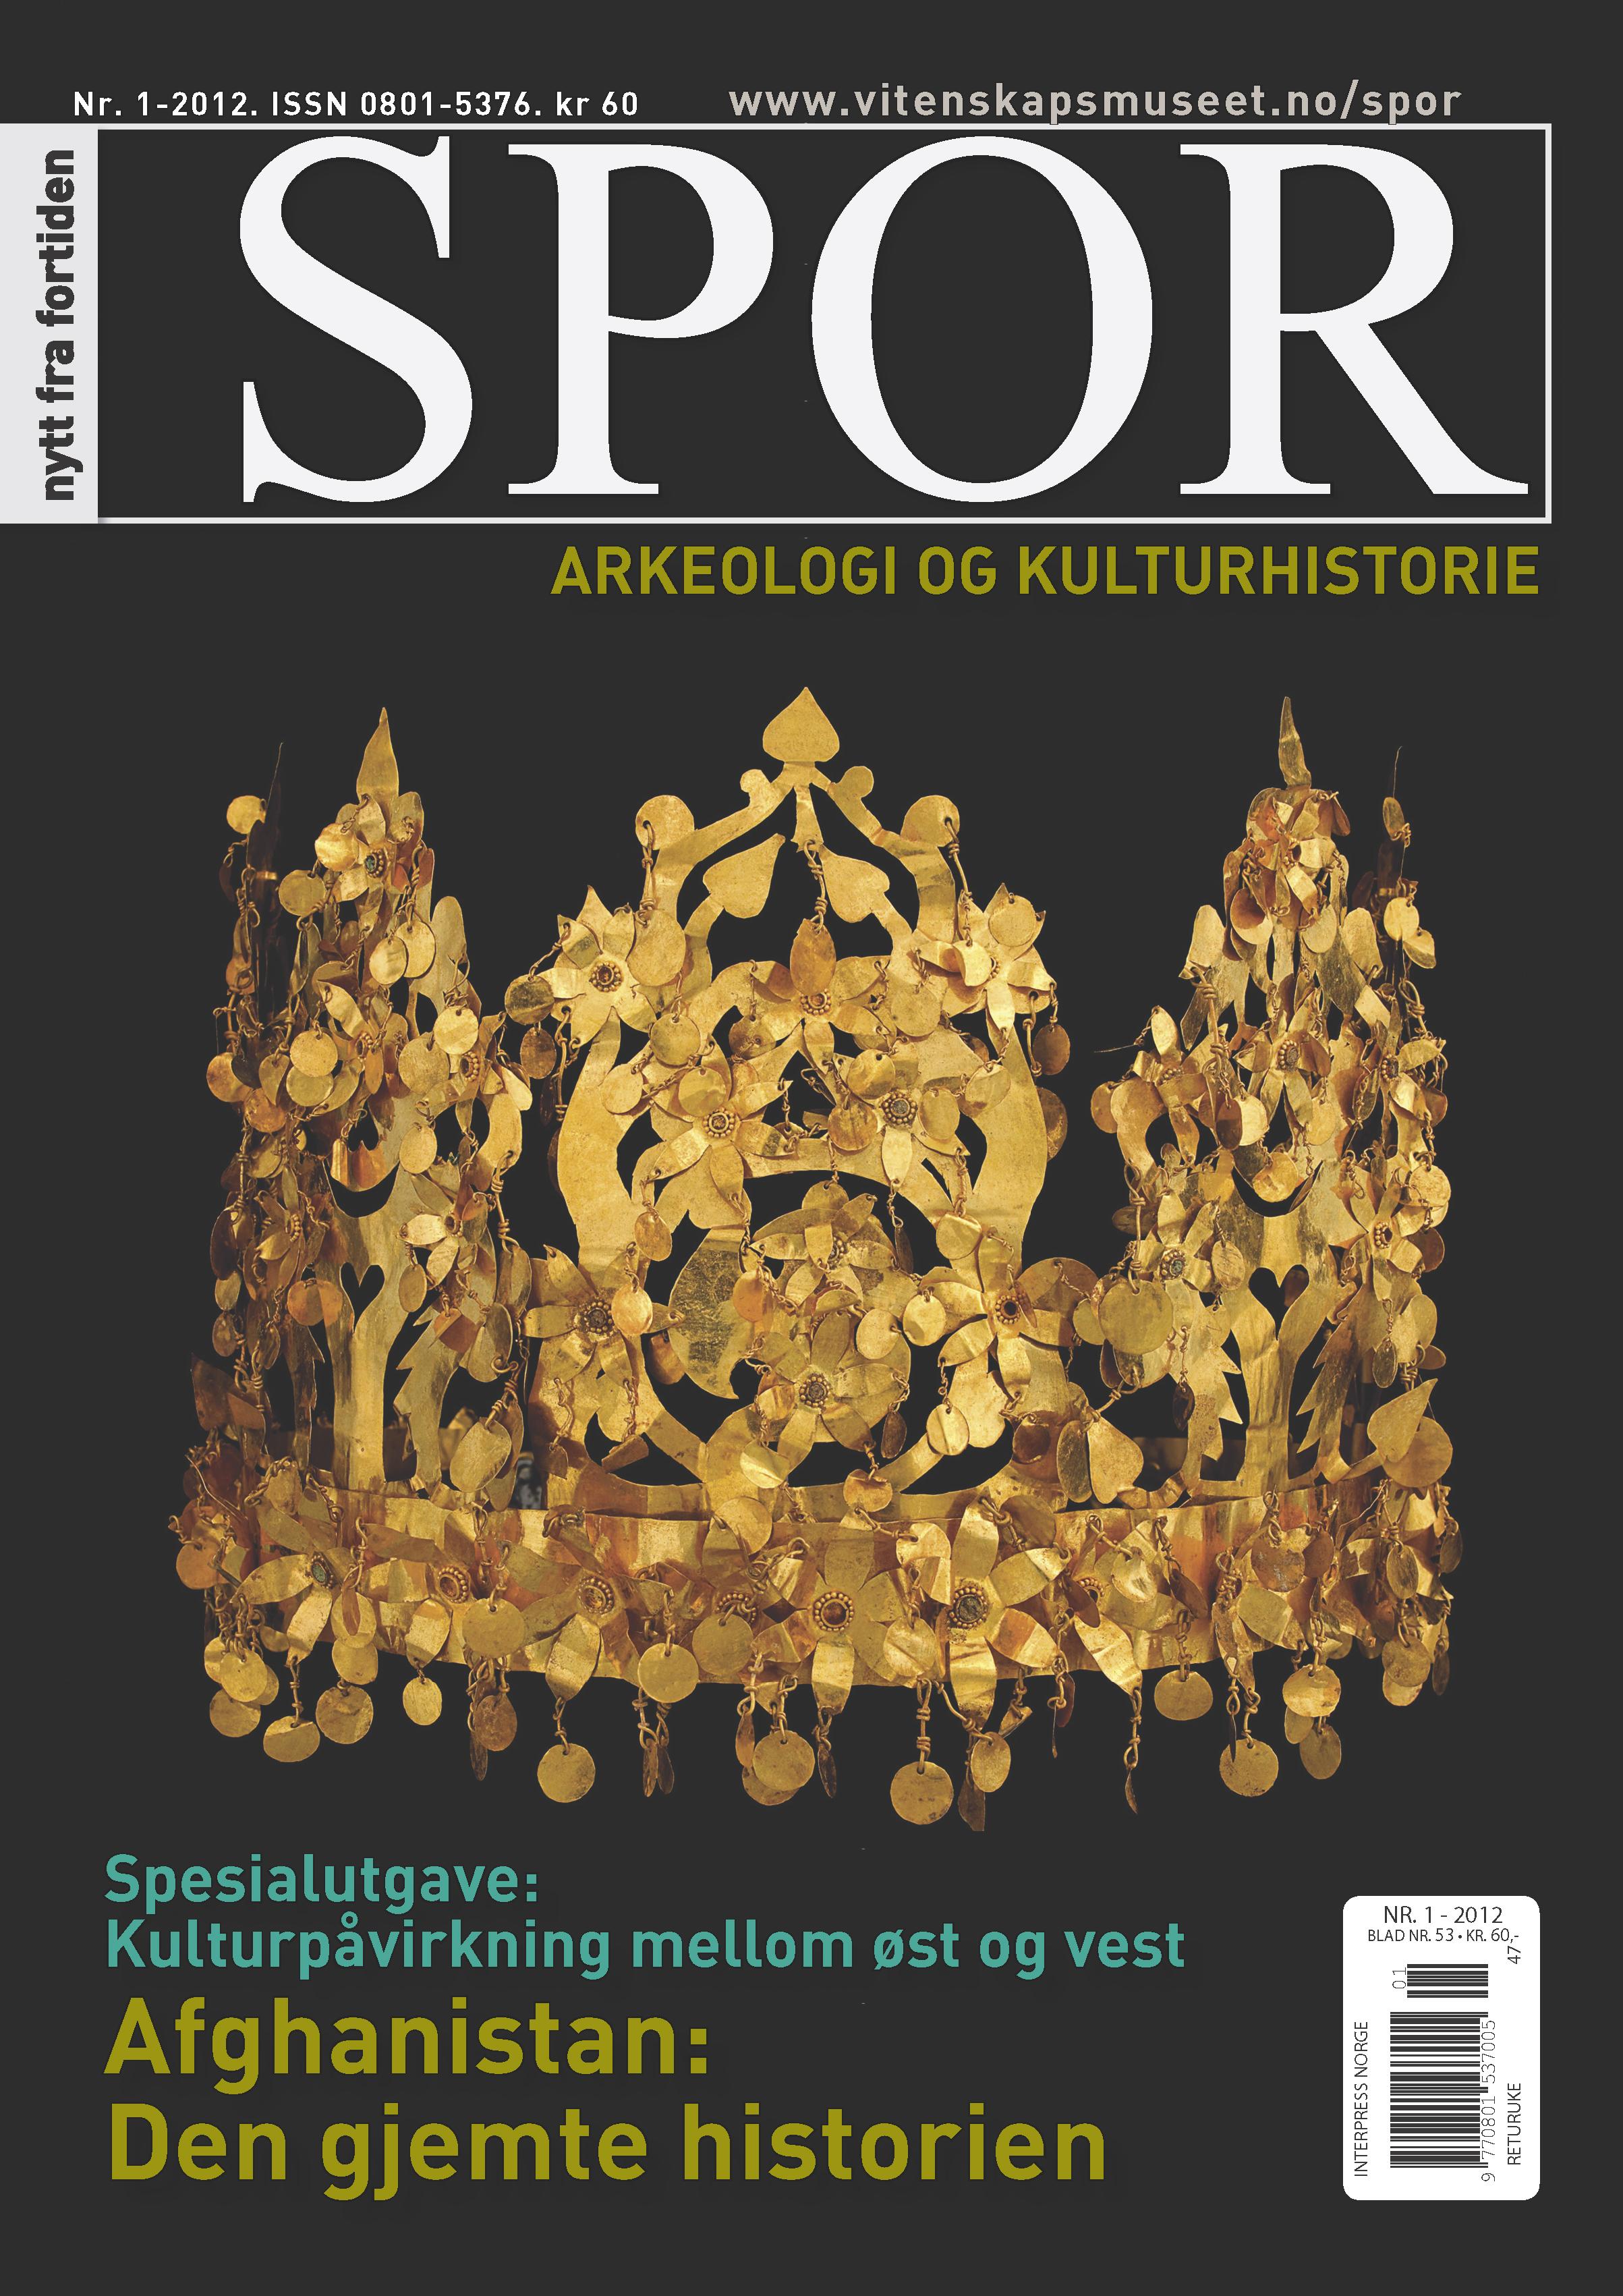 Forside SPOR 1-2012